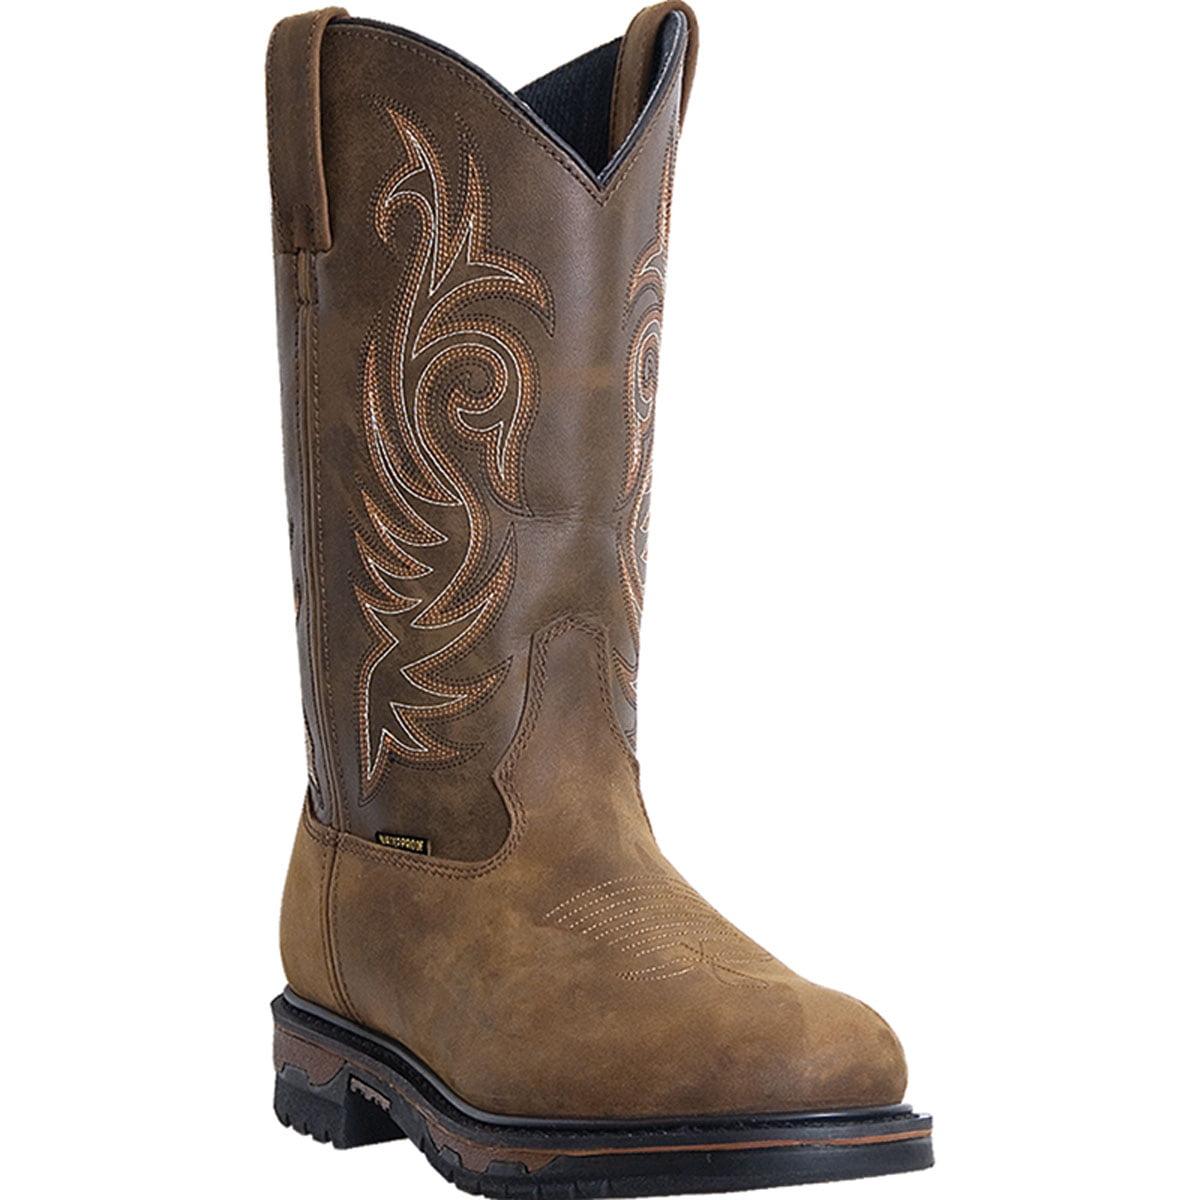 Laredo Men's Hammer-Steel Toe Waterproof Tan Cheyenne 68132 Boot by Laredo